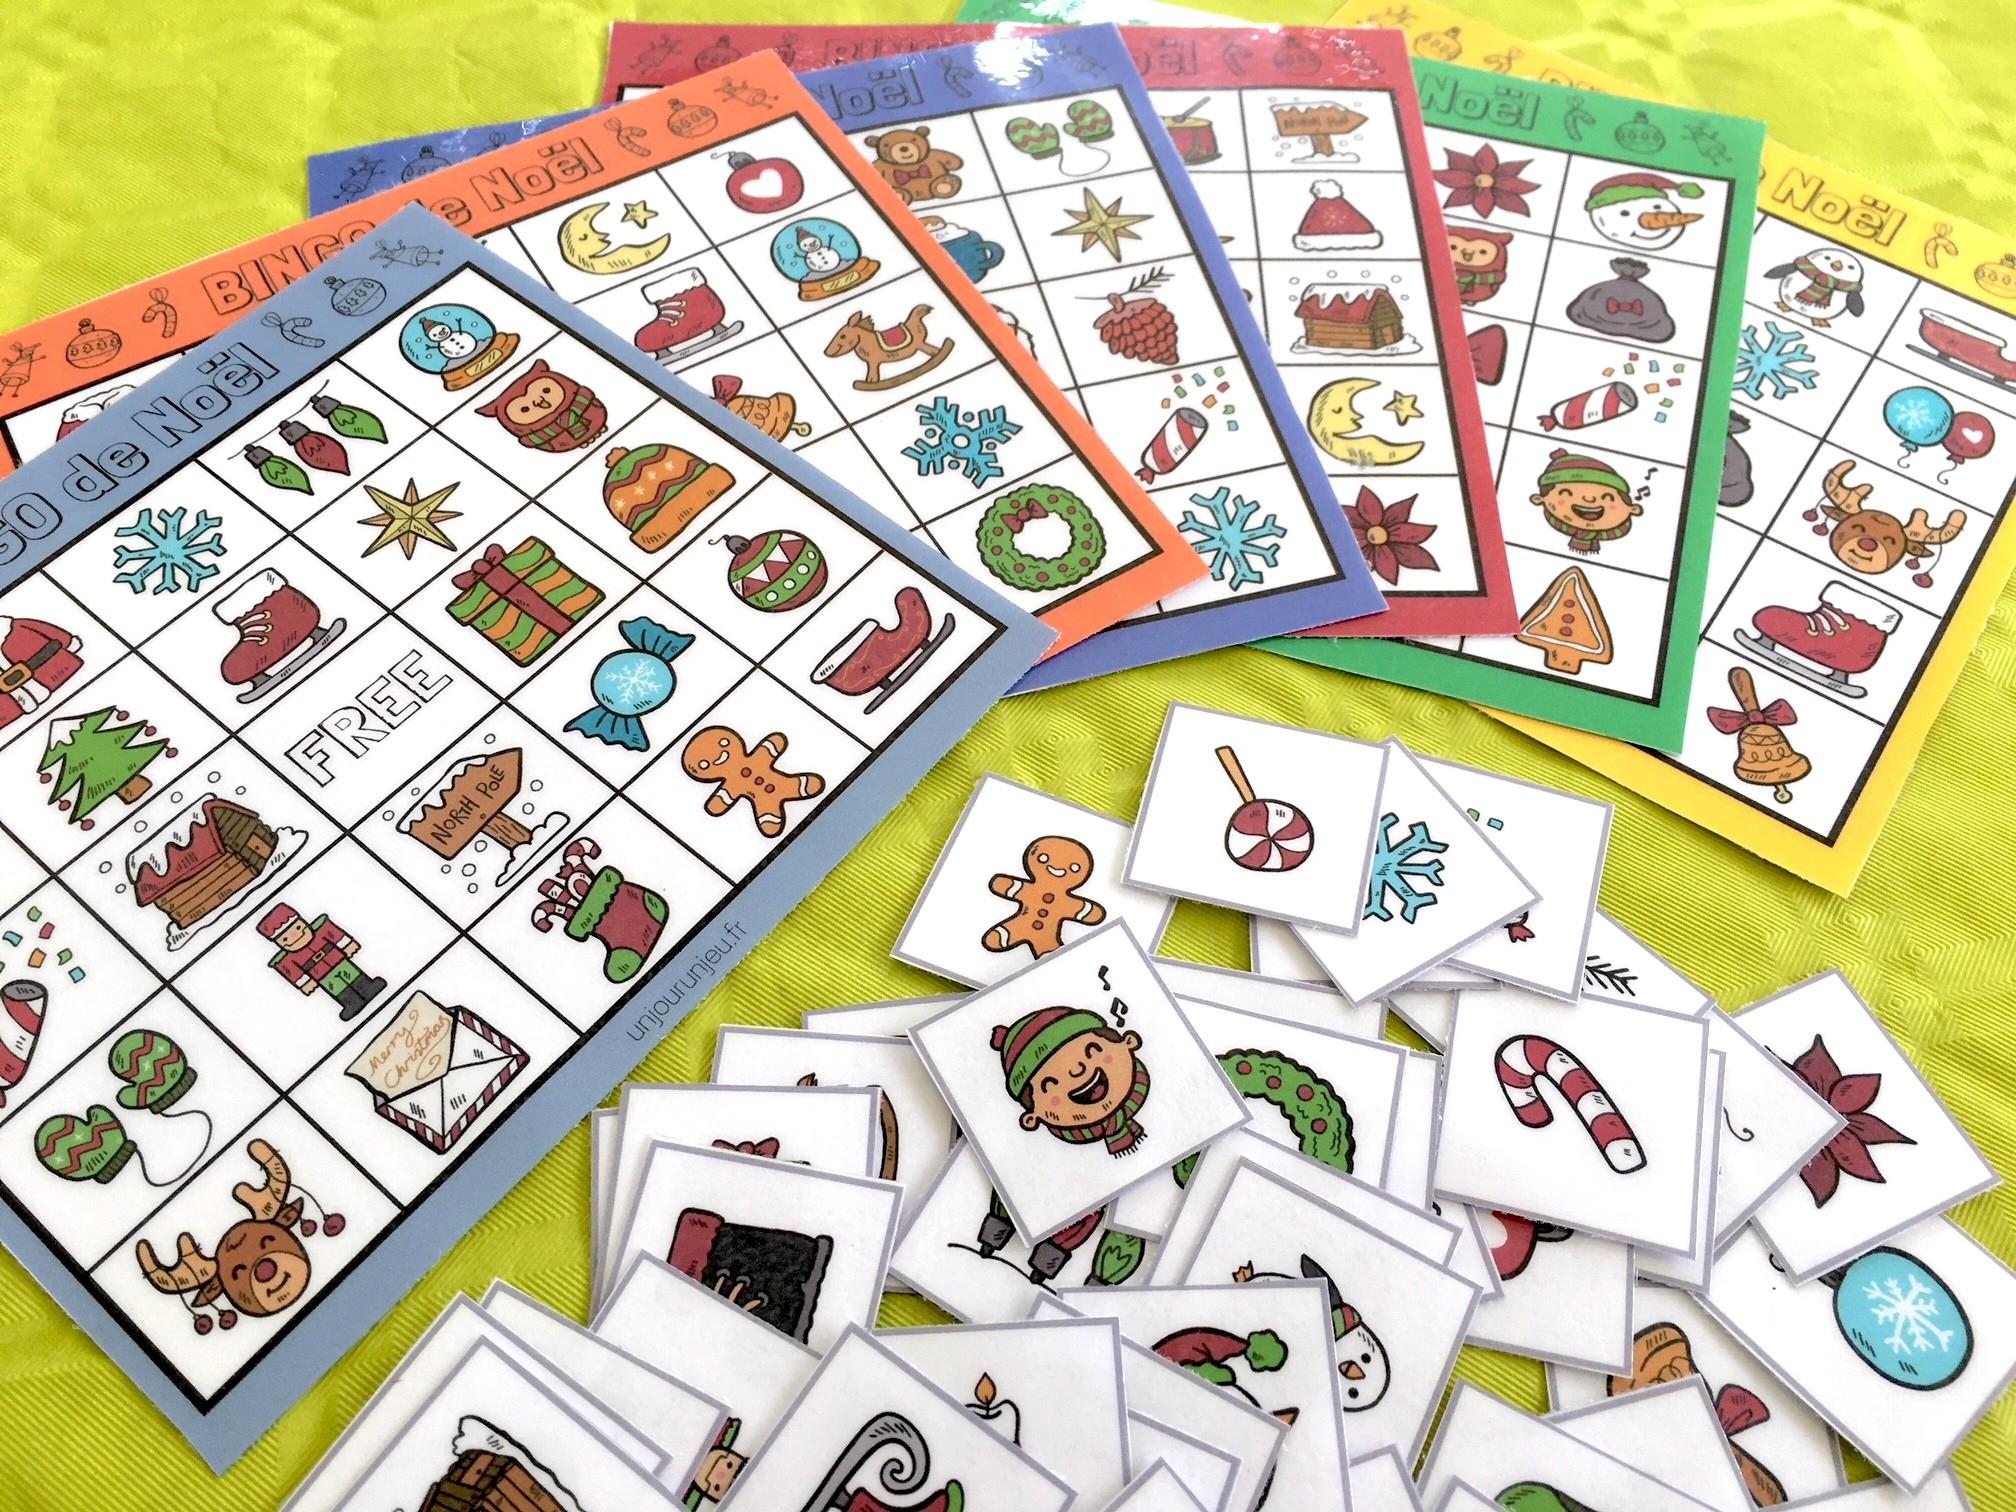 Jeu De Noël : Bingo À Télécharger Gratuitement Pour Vos Enfants serapportantà Jeux D Enfans Gratuit